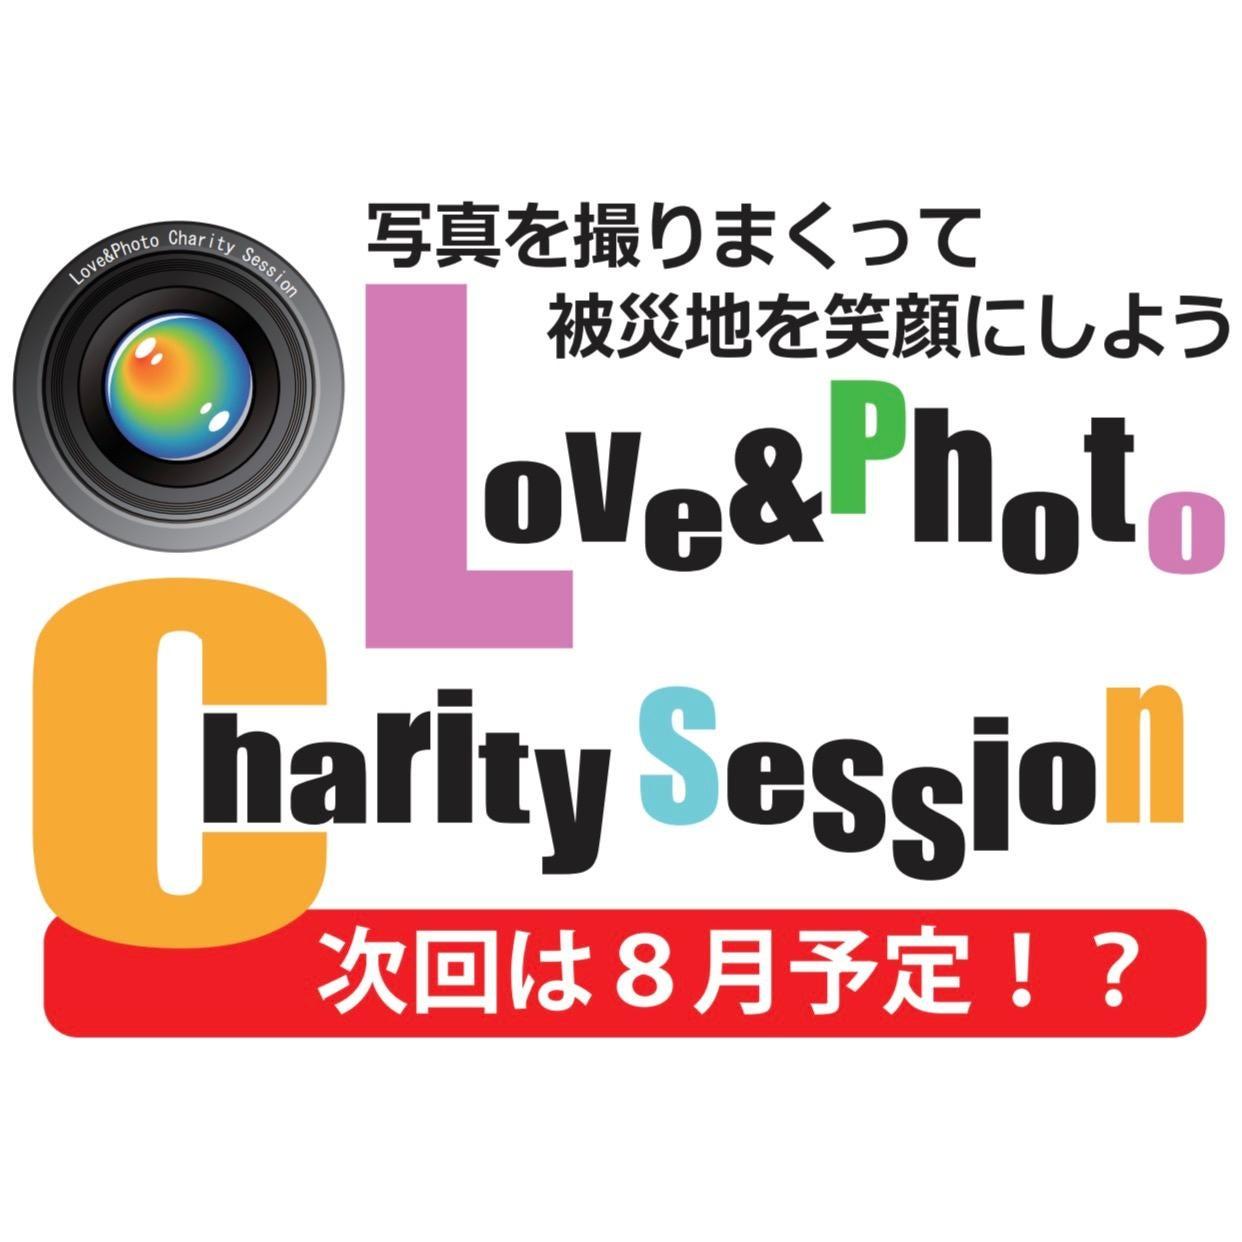 チャリティー撮影会 次回は5/28